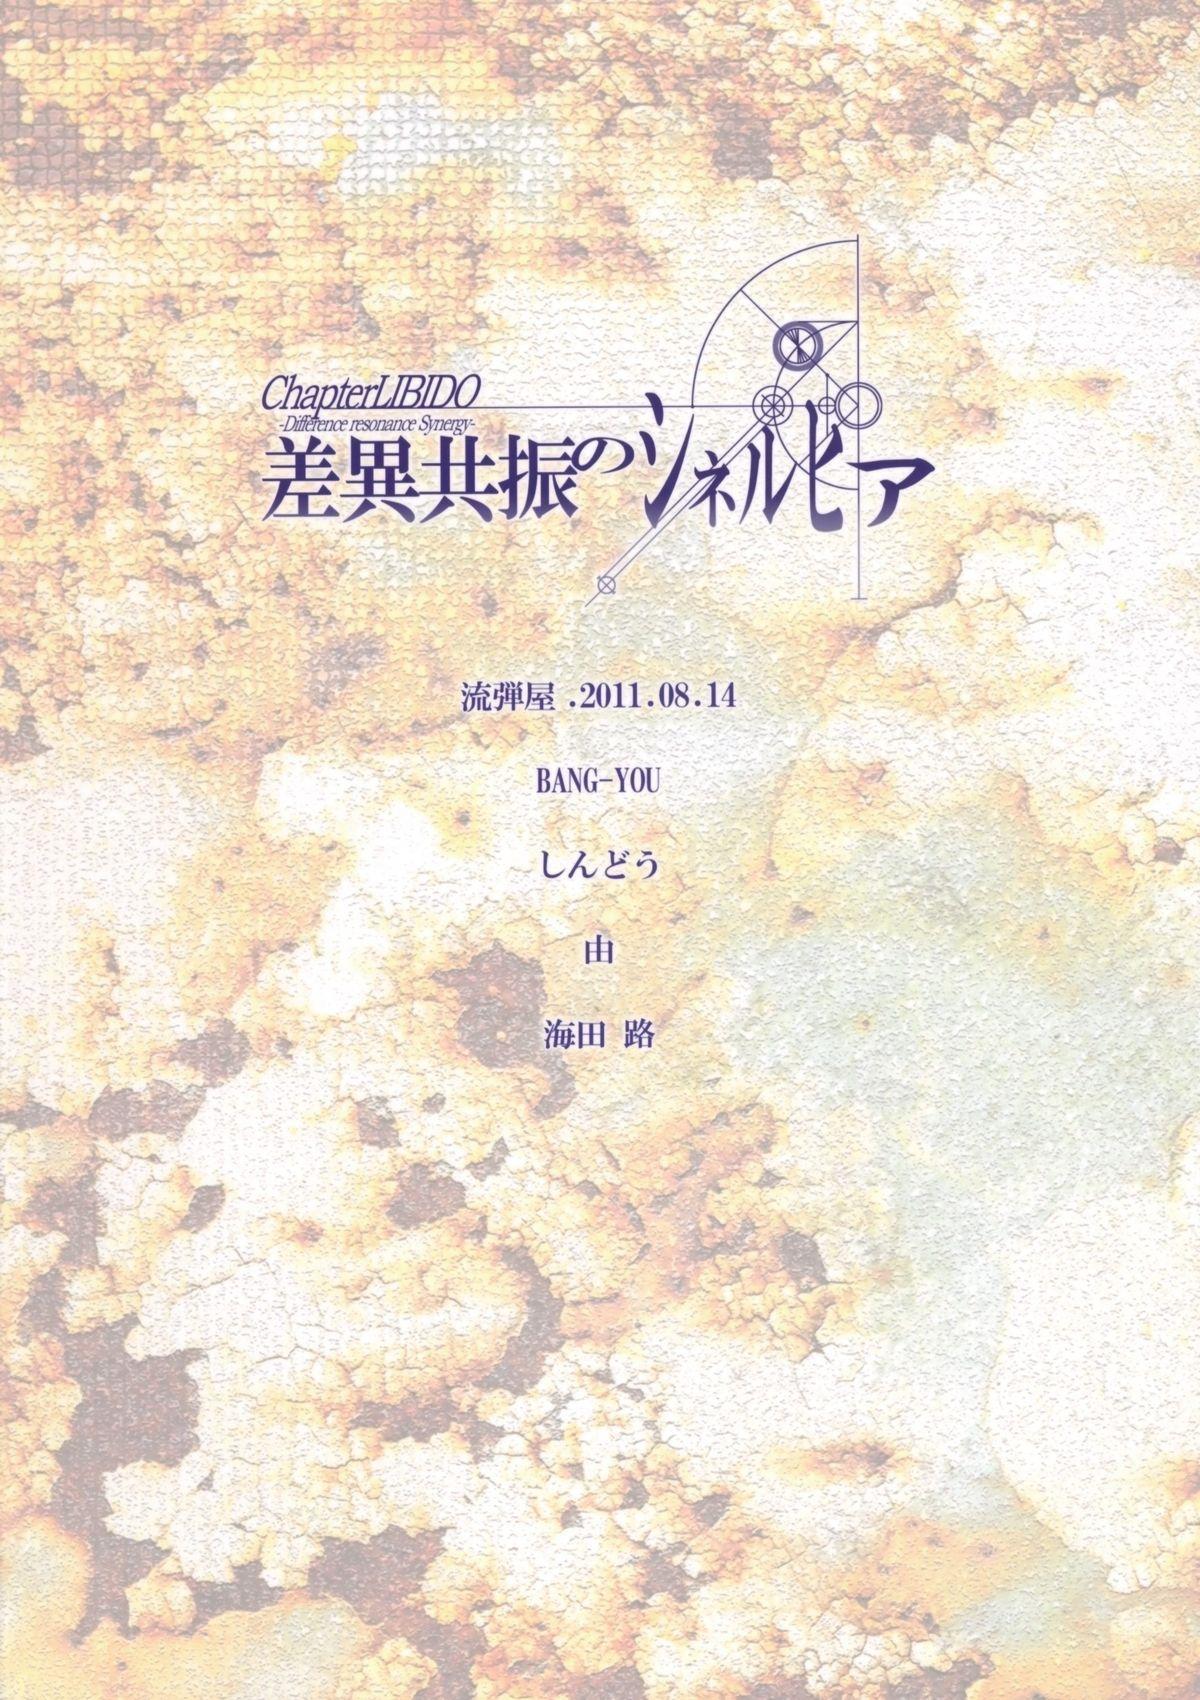 Sai kyoshin no shineruhia   Chapter Libido: Difference Resonance Synergy 21